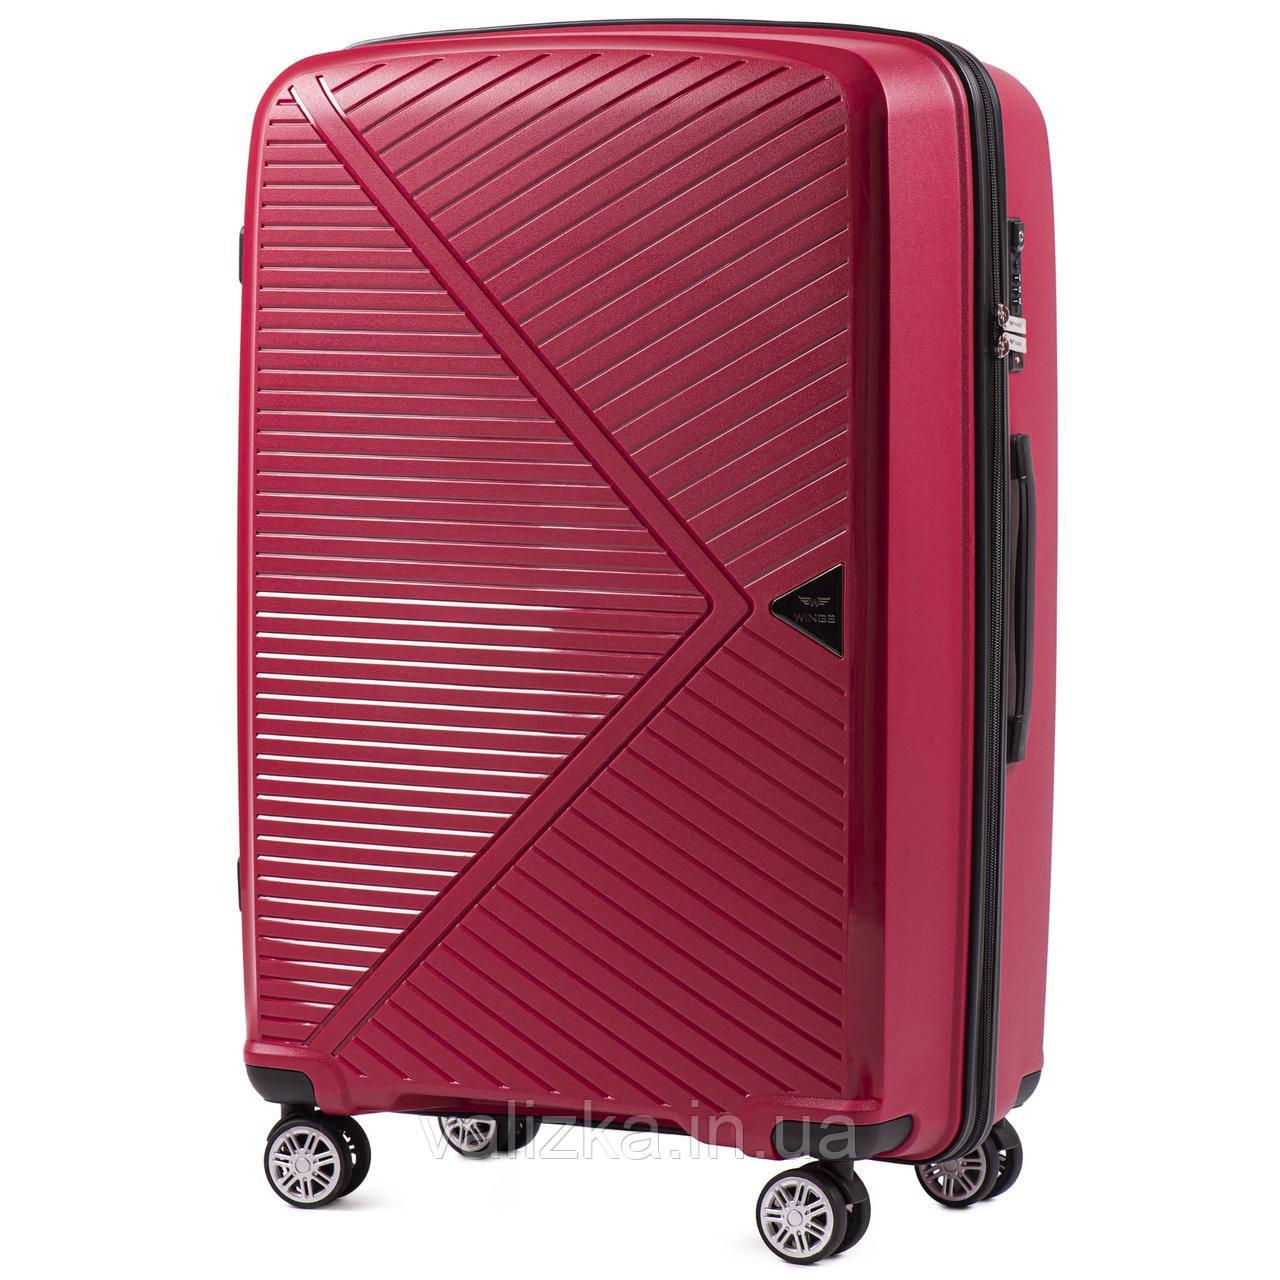 Большой красный чемодан из полипропилена премиум серии  на 4-х двойных колесах с ТСА замком